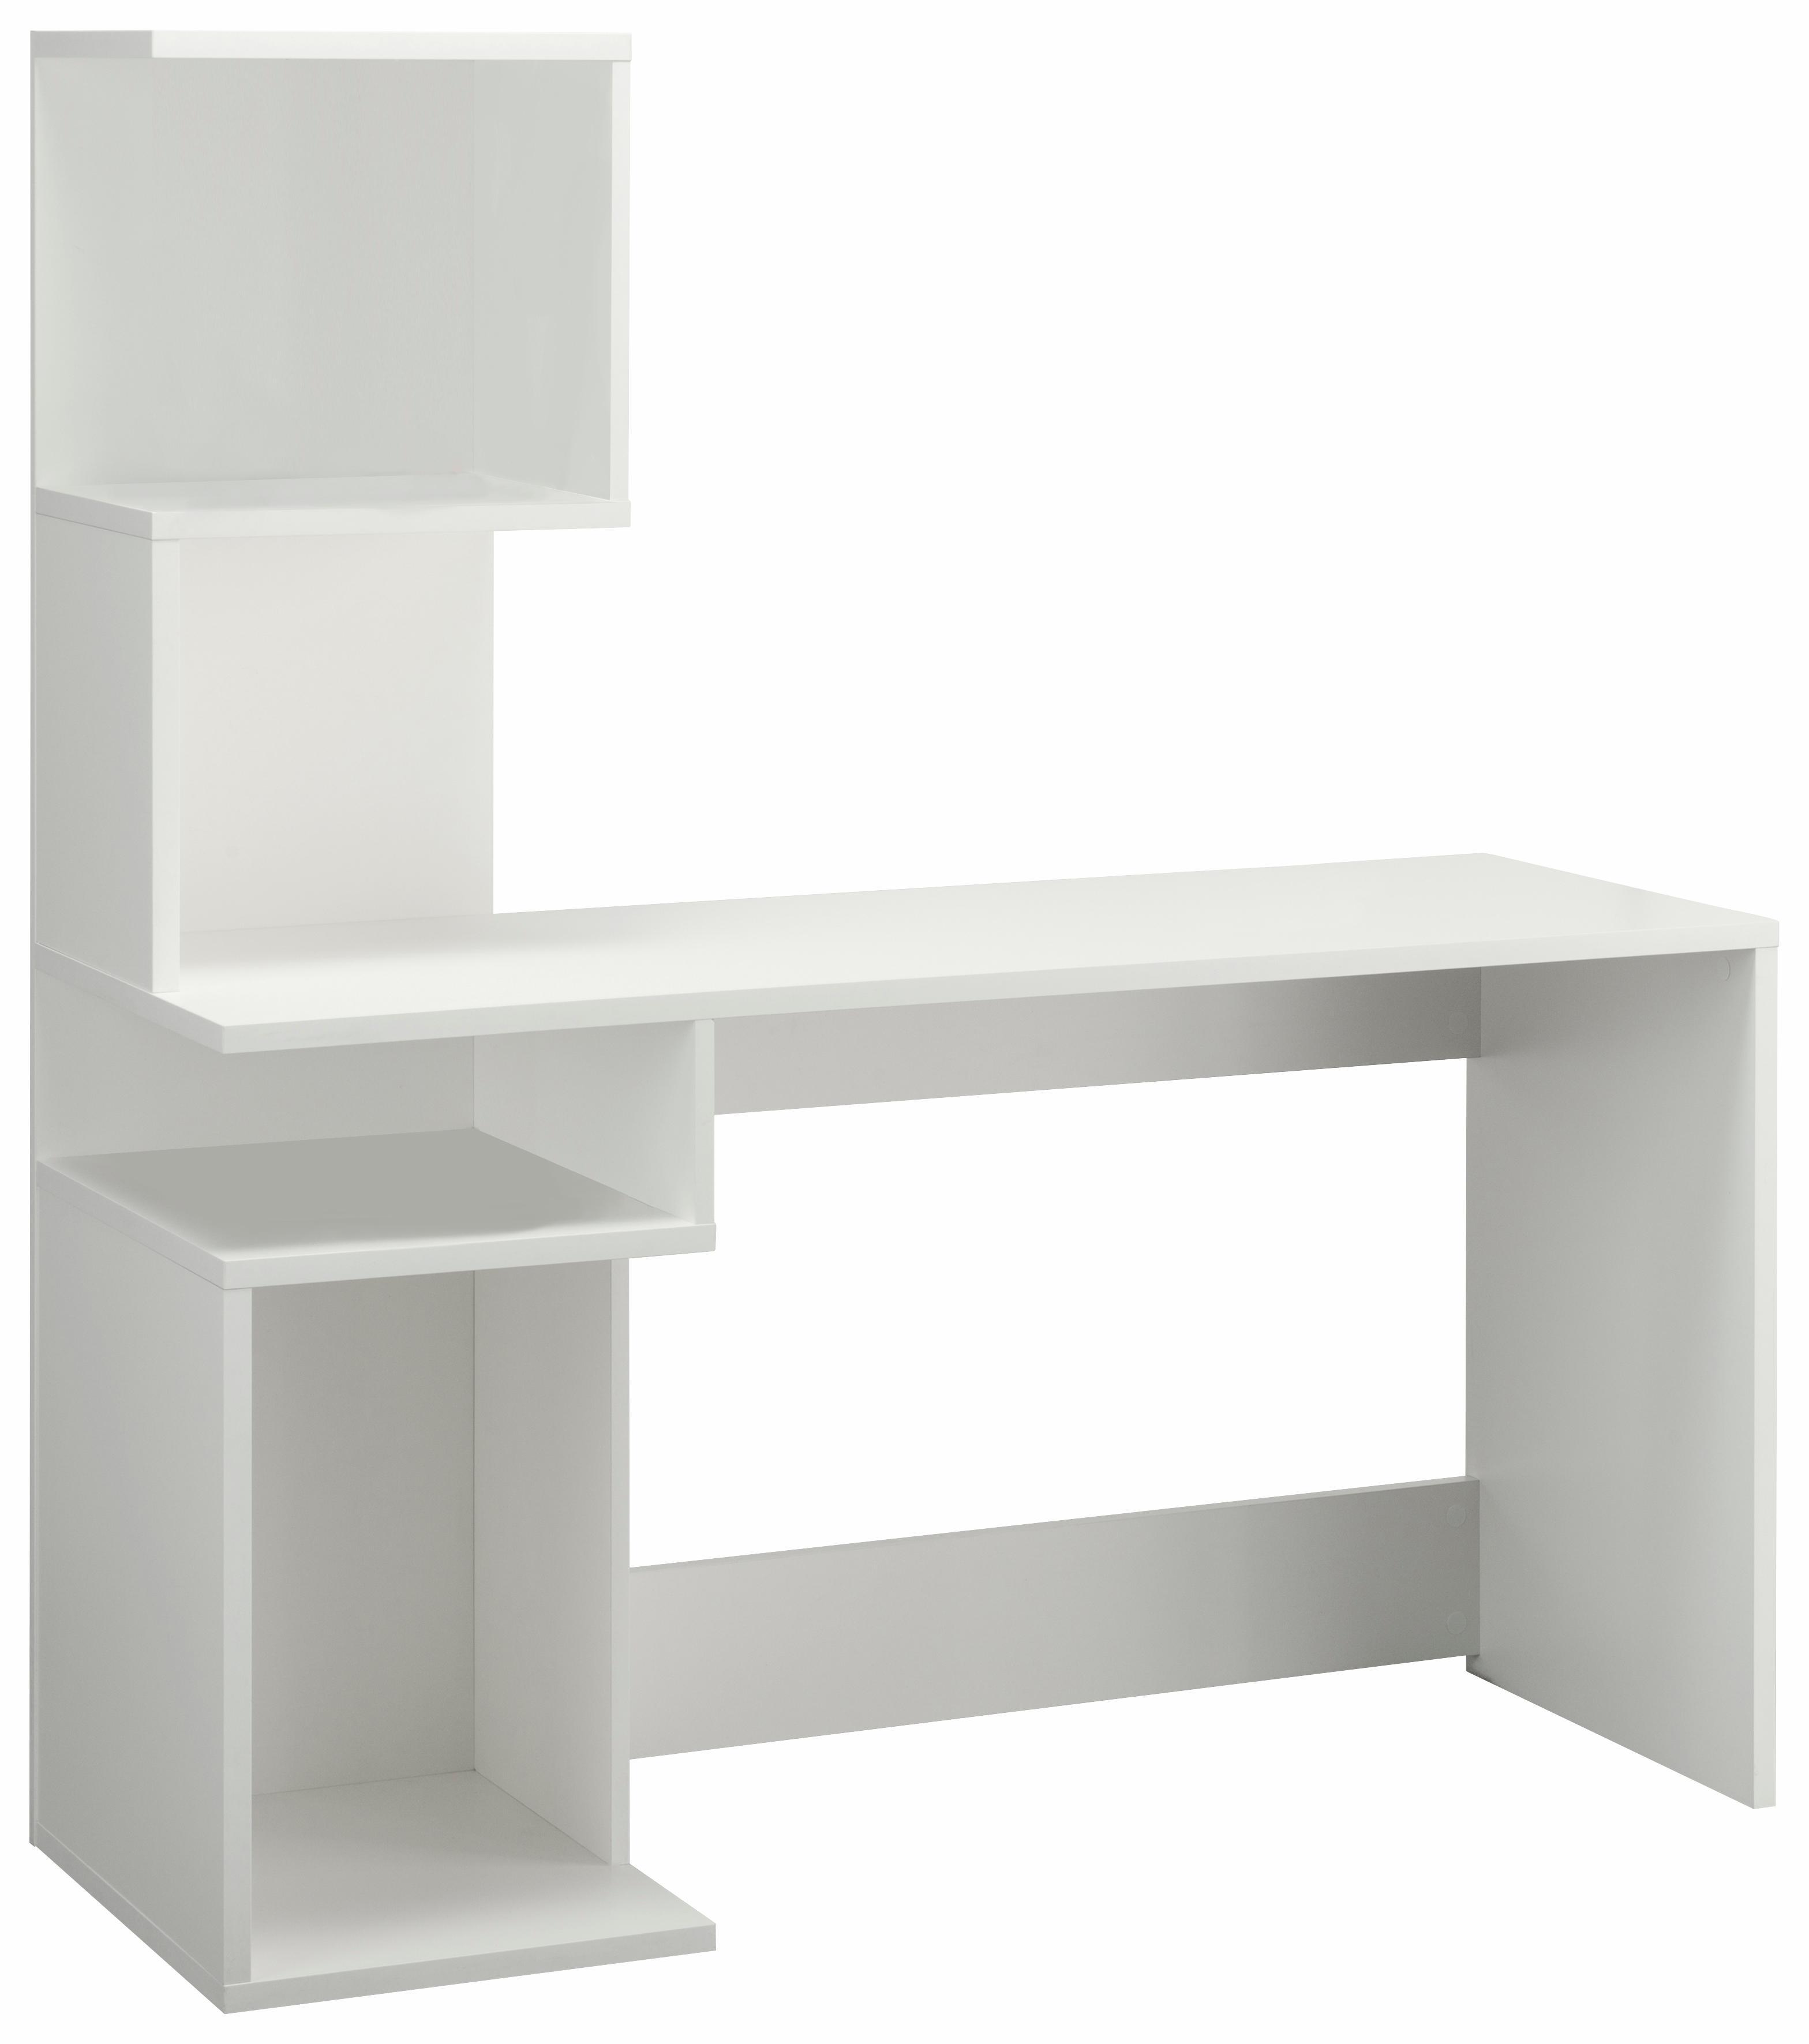 Schreibtisch Alice mit 4 Fächern und frei im Raum stellbar